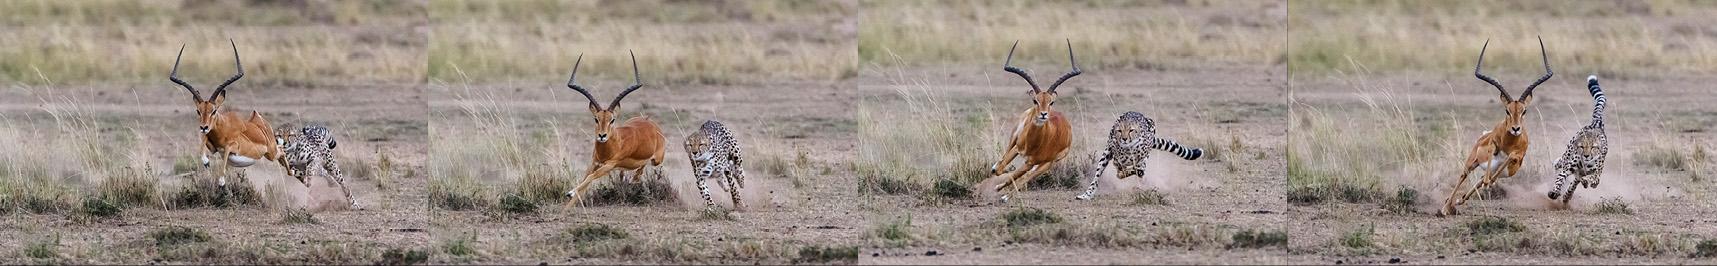 Die weiten Sprünge und Richtungswechsel des Impalas machten es dem Geparden unmöglich, ihr von hinten die Läufe wegzuschlagen